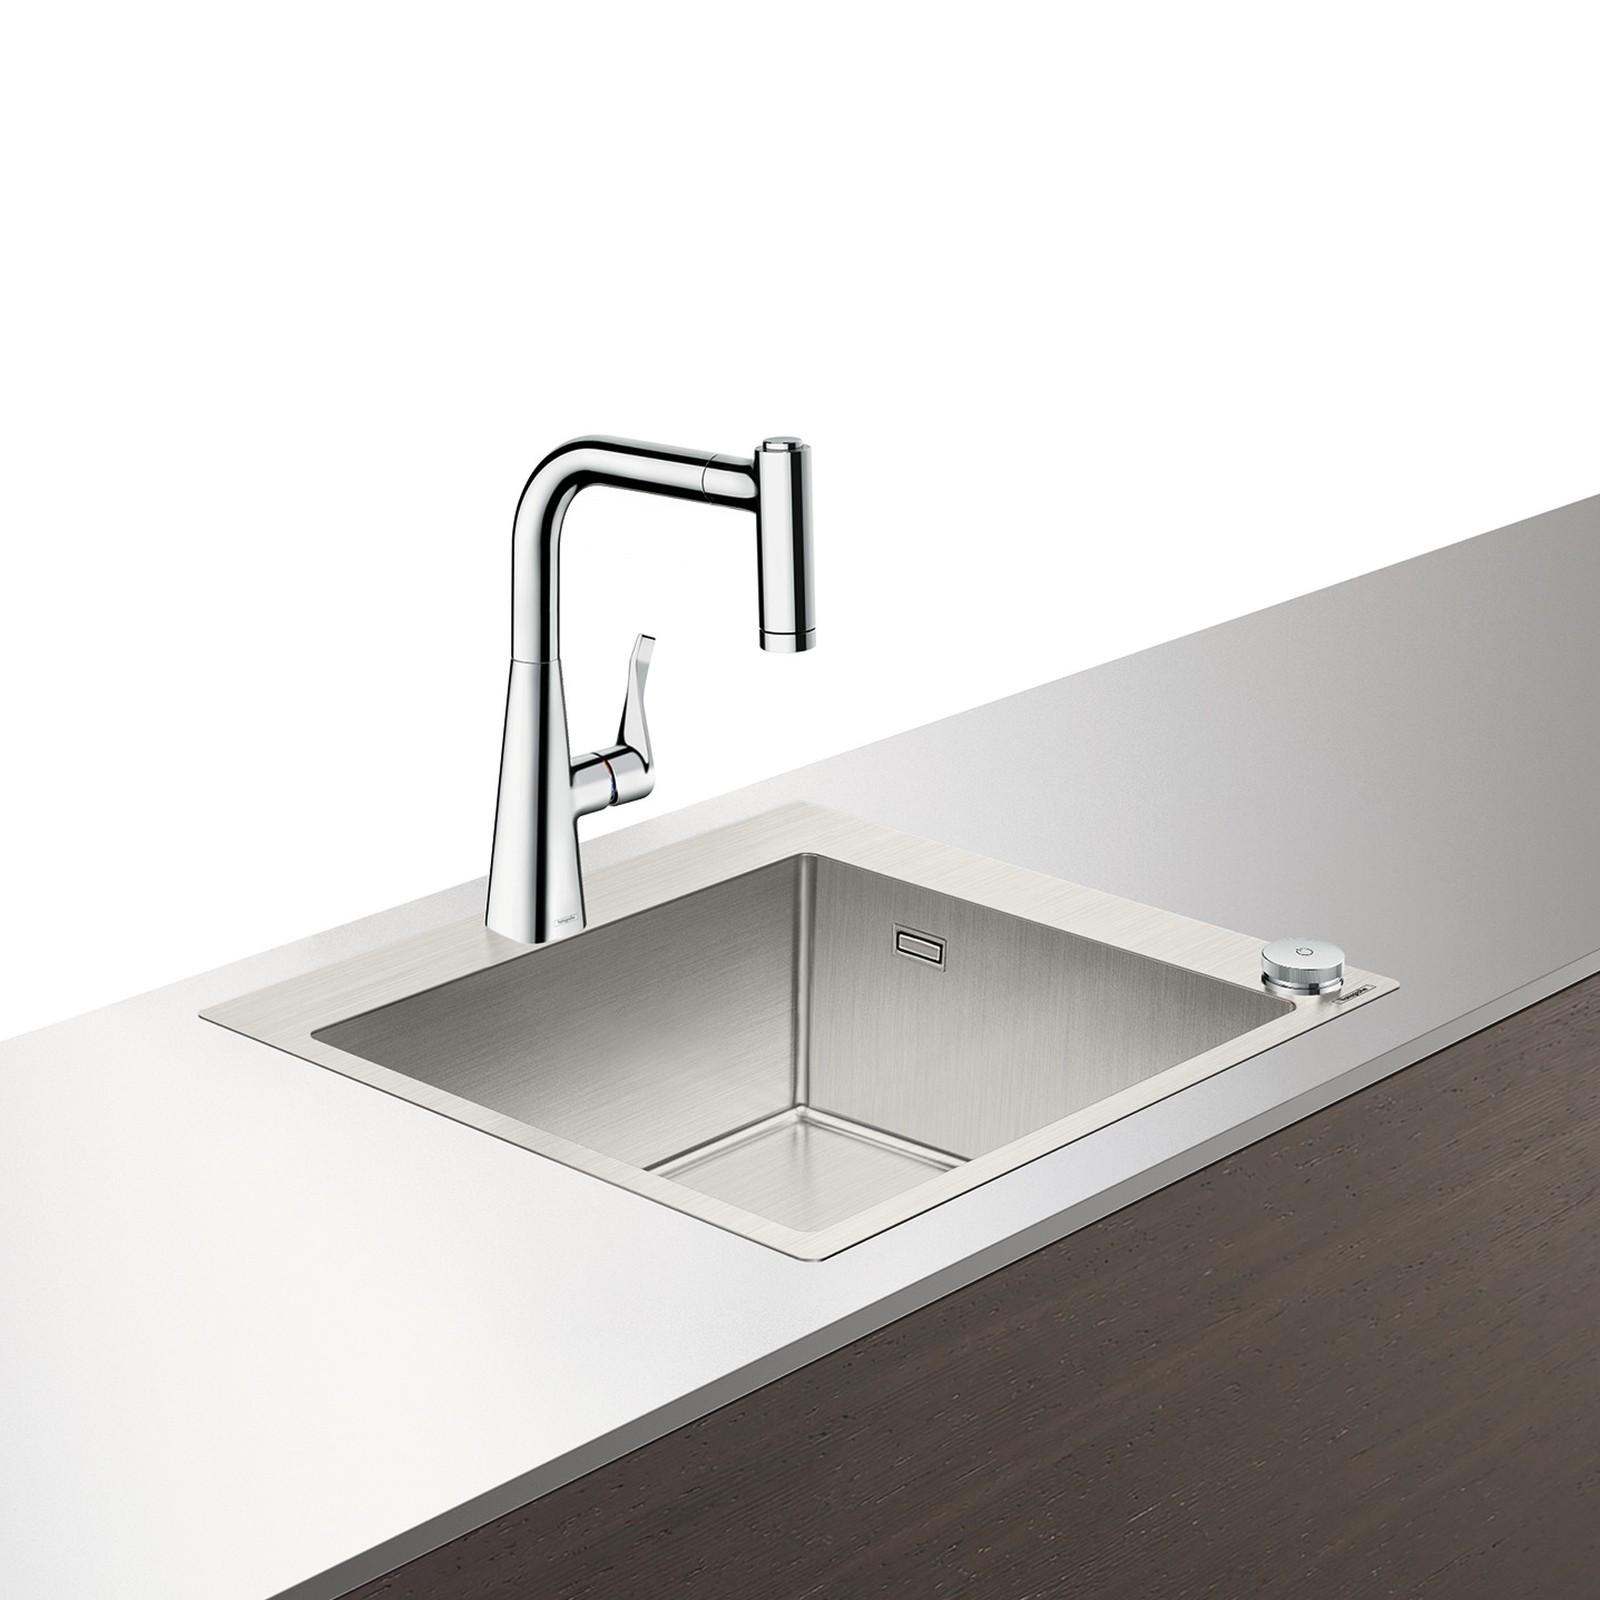 HG Select Spülencombi 450